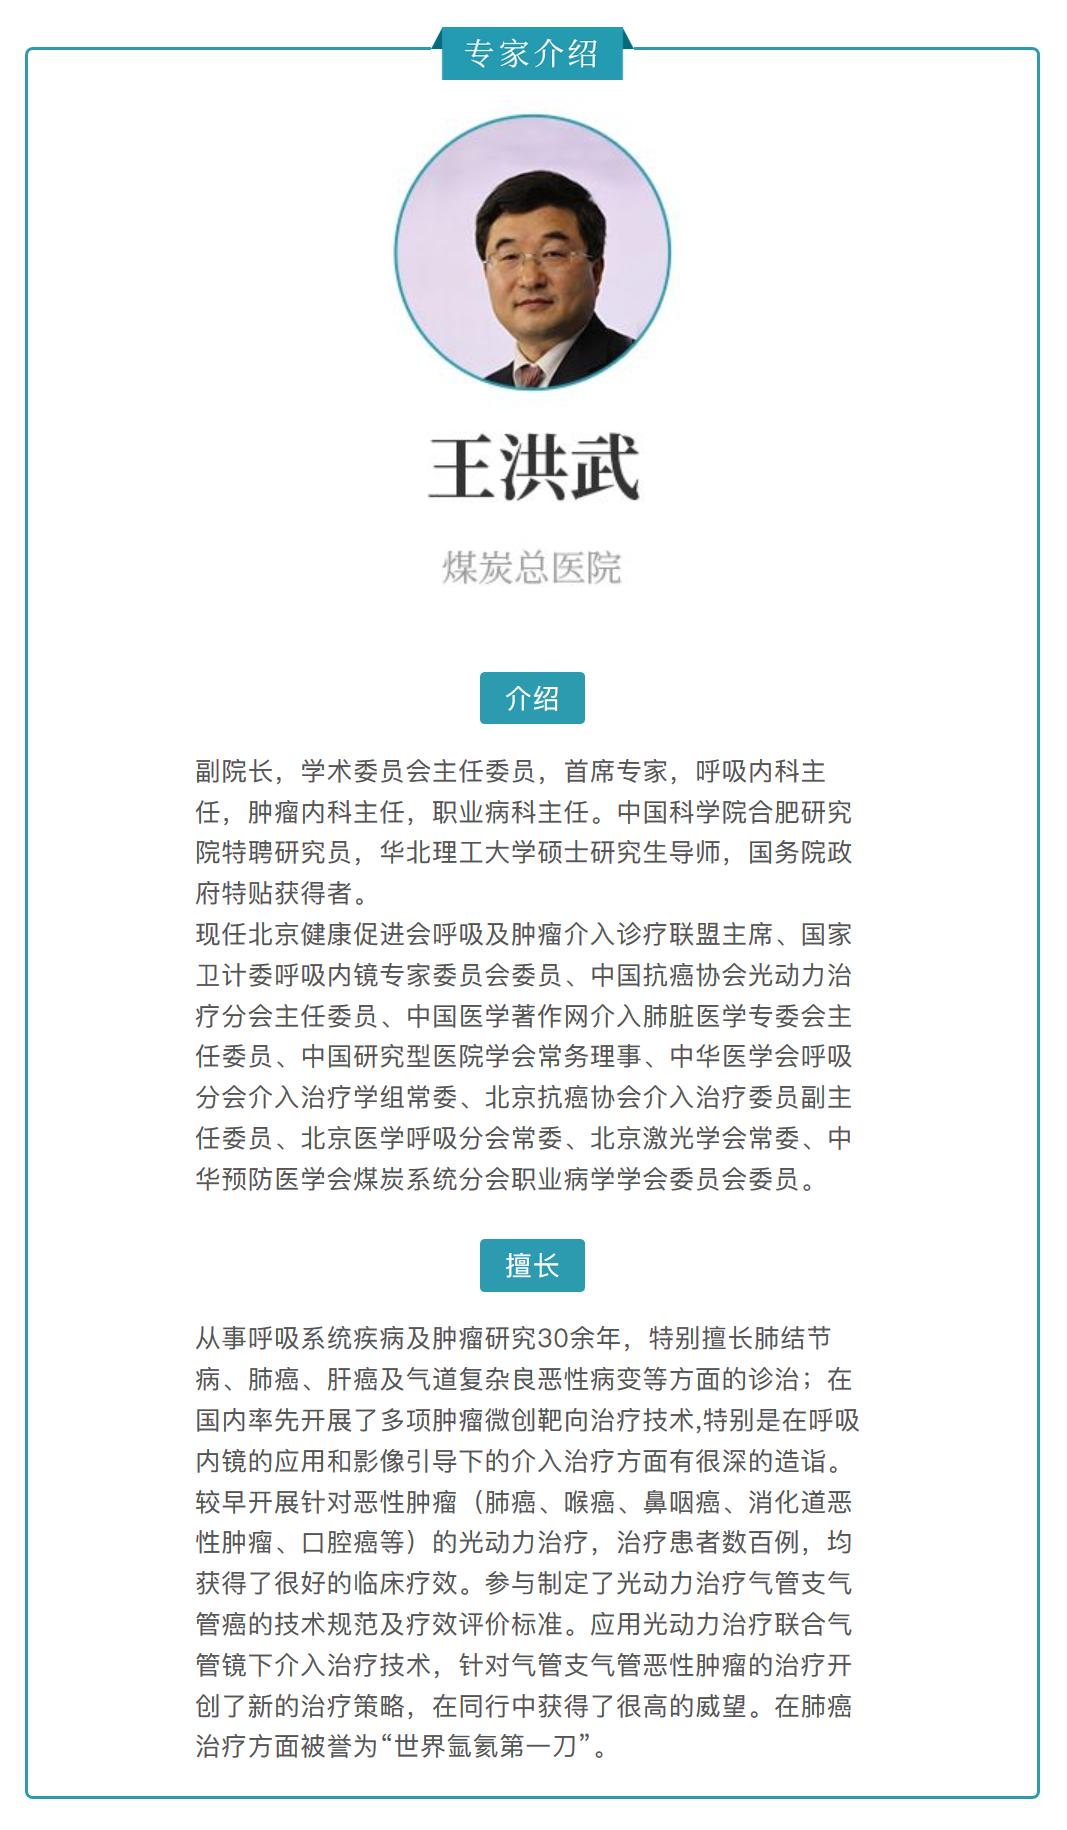 澳门太阳集团2007网站 17